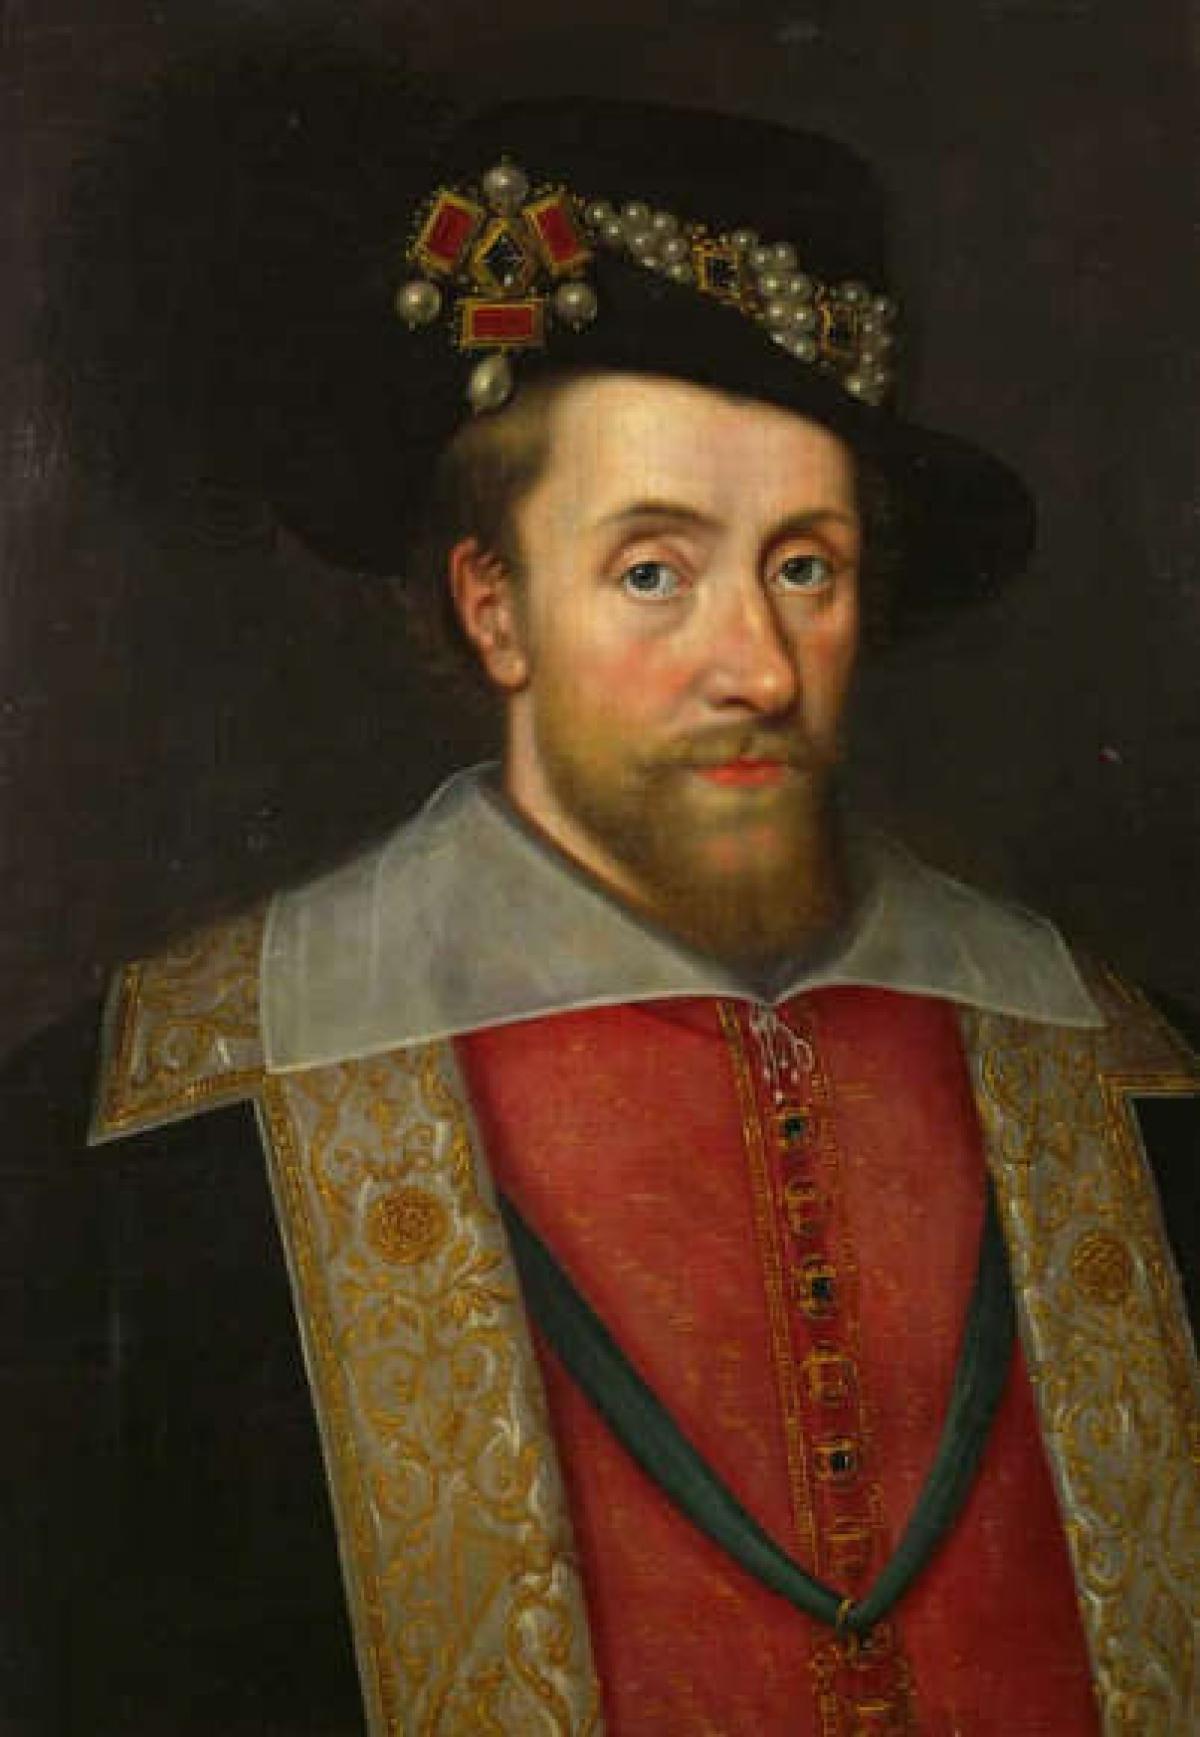 James IV lên ngôi vua của Scotland năm 1567, sau khi mẹ ông thoái vị. Sau đó ông trở thành Vua James I của Anh, sau khi Nữ hoàng Elizabeth I qua đời. Vua James IV và I đã trị vì tổng cộng 57 năm.